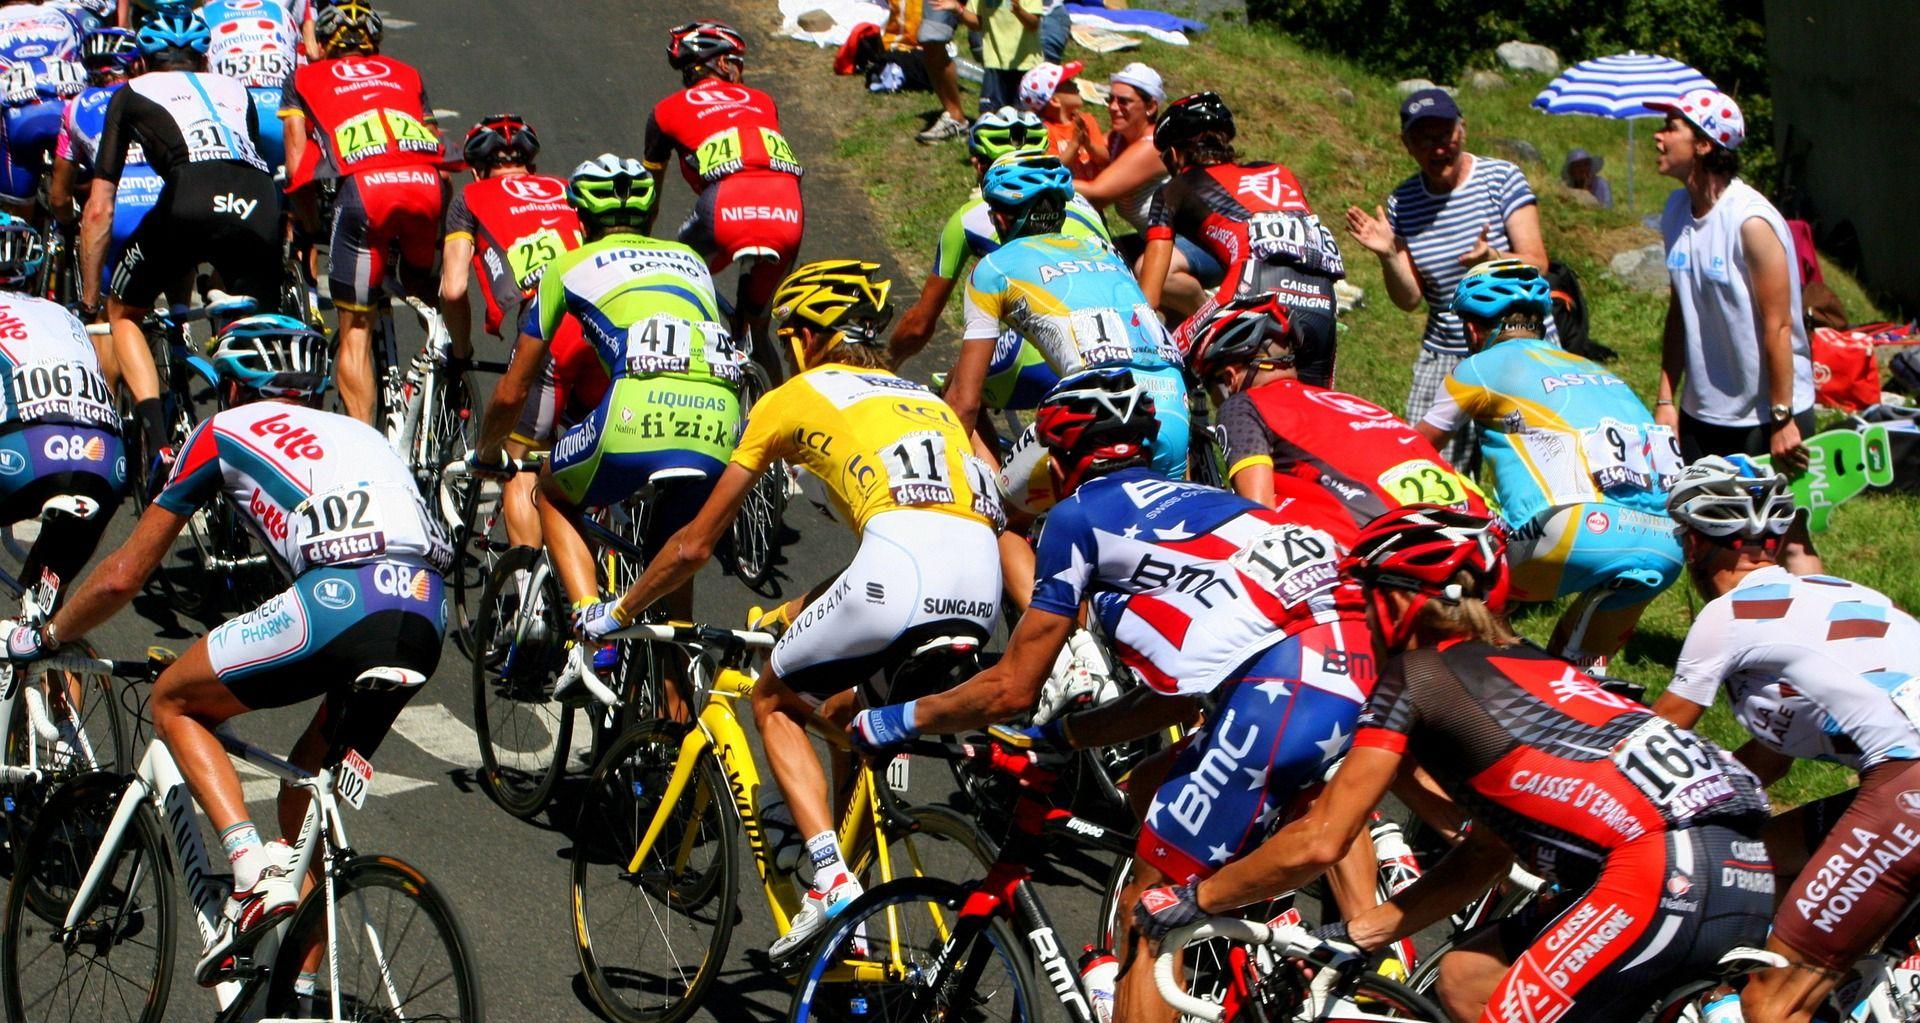 Ovogodišnji Tour de France osiguravat će 23 tisuće policajaca, uključujući specijalce